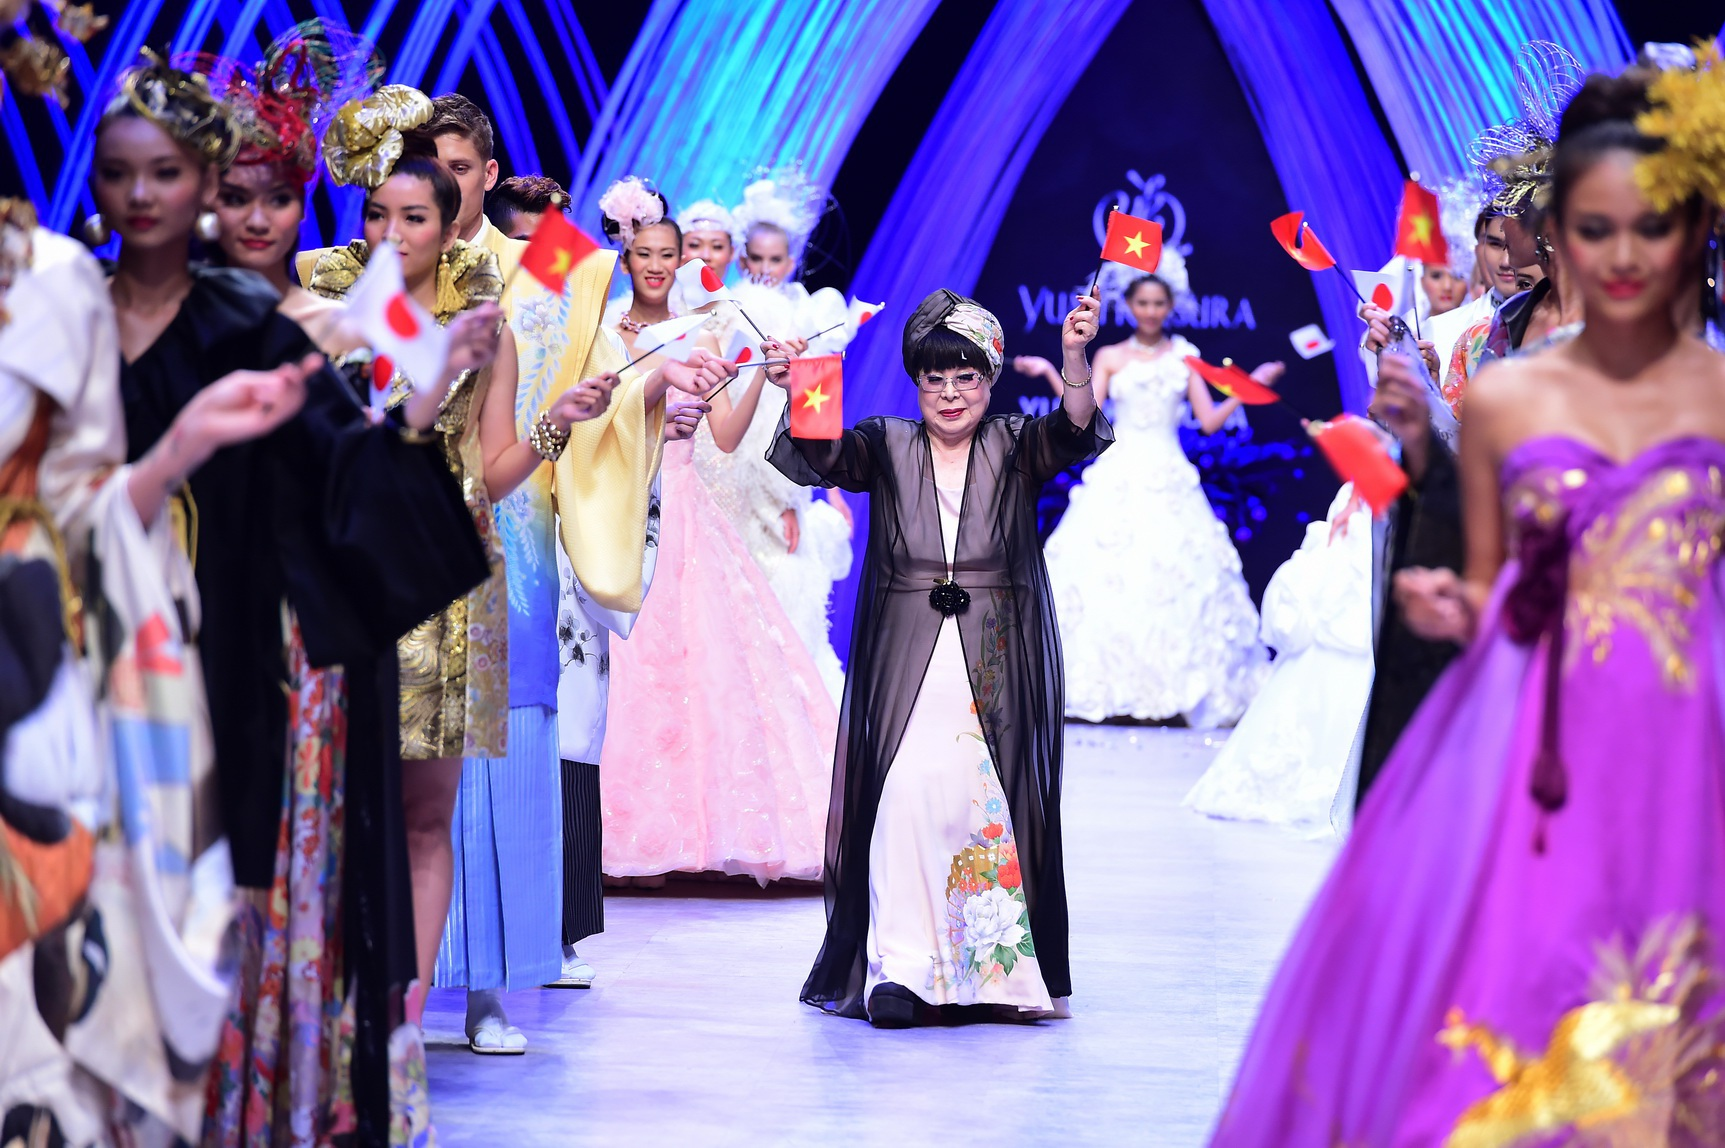 Bà Yumi Katsura là nhà thiết kế (NTK) lừng danh của Nhật Bản, ở tuổi 80 nhưng các thiết kế của bà luôn được trông đợi và đón nhận. Và bà đã có đêm diễn rất thành công tại chương trình trong tuần qua.